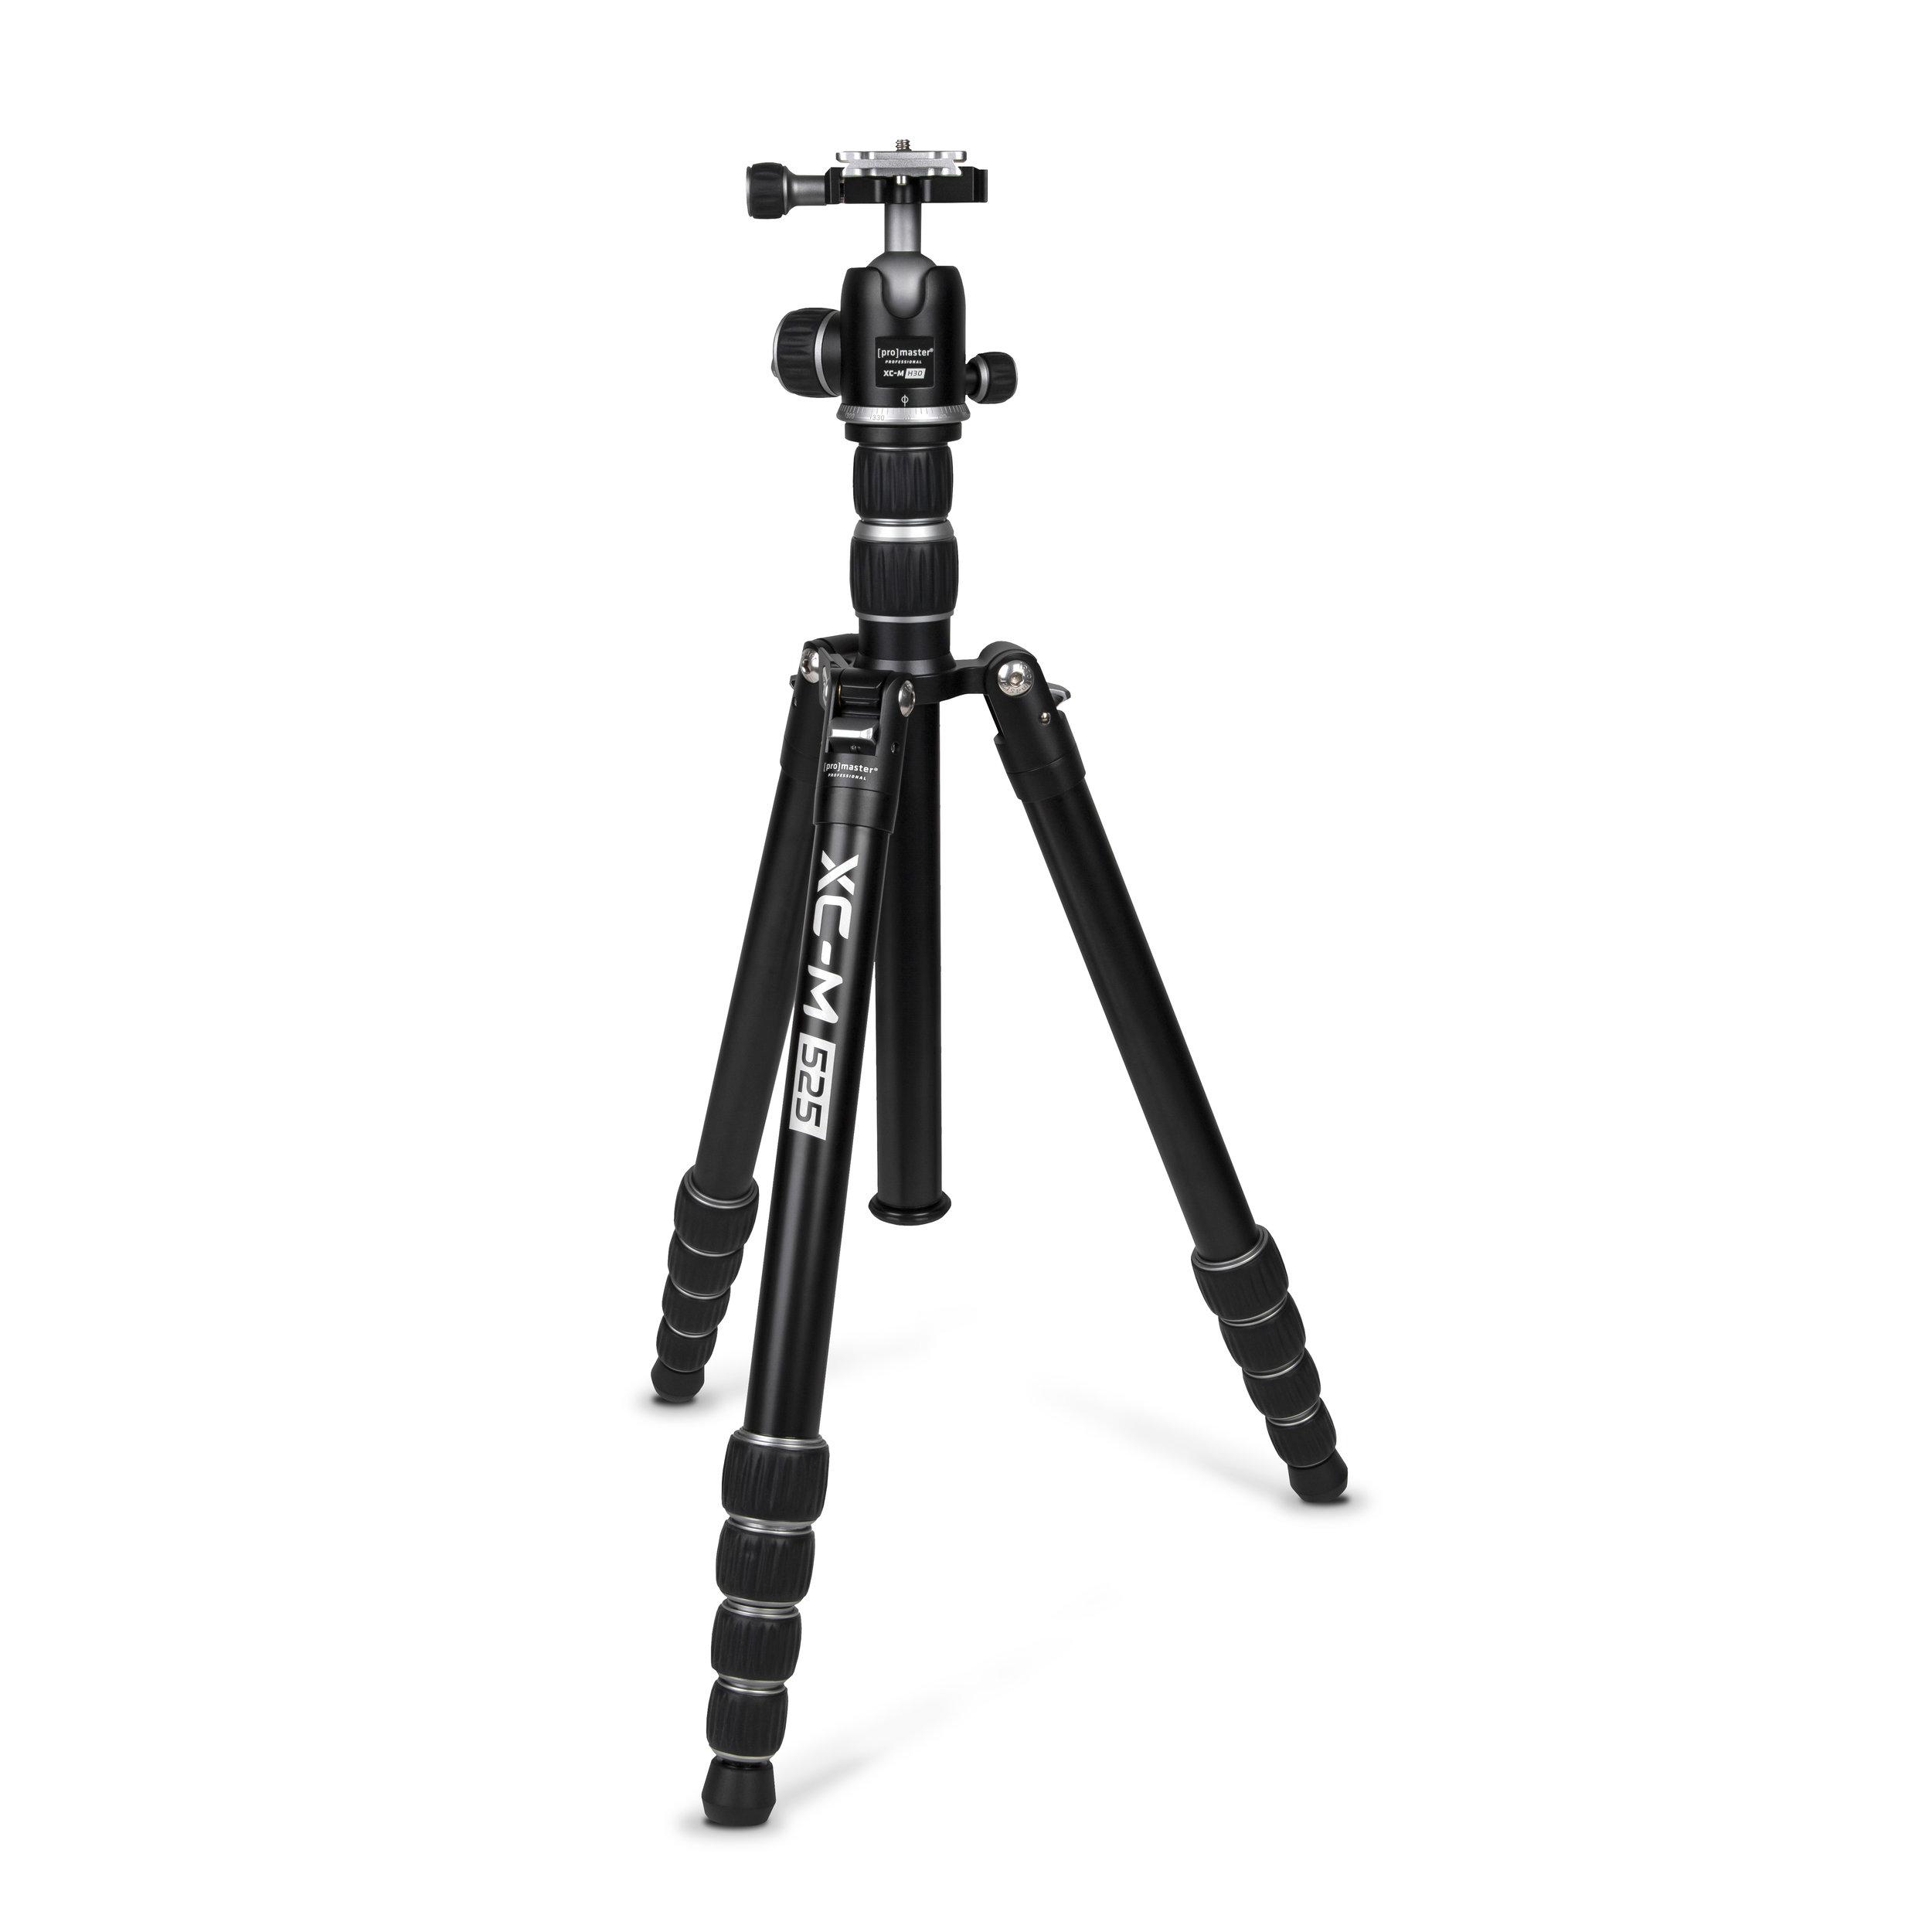 XC-M 525 ALUMINUM - SILVER   $179.95